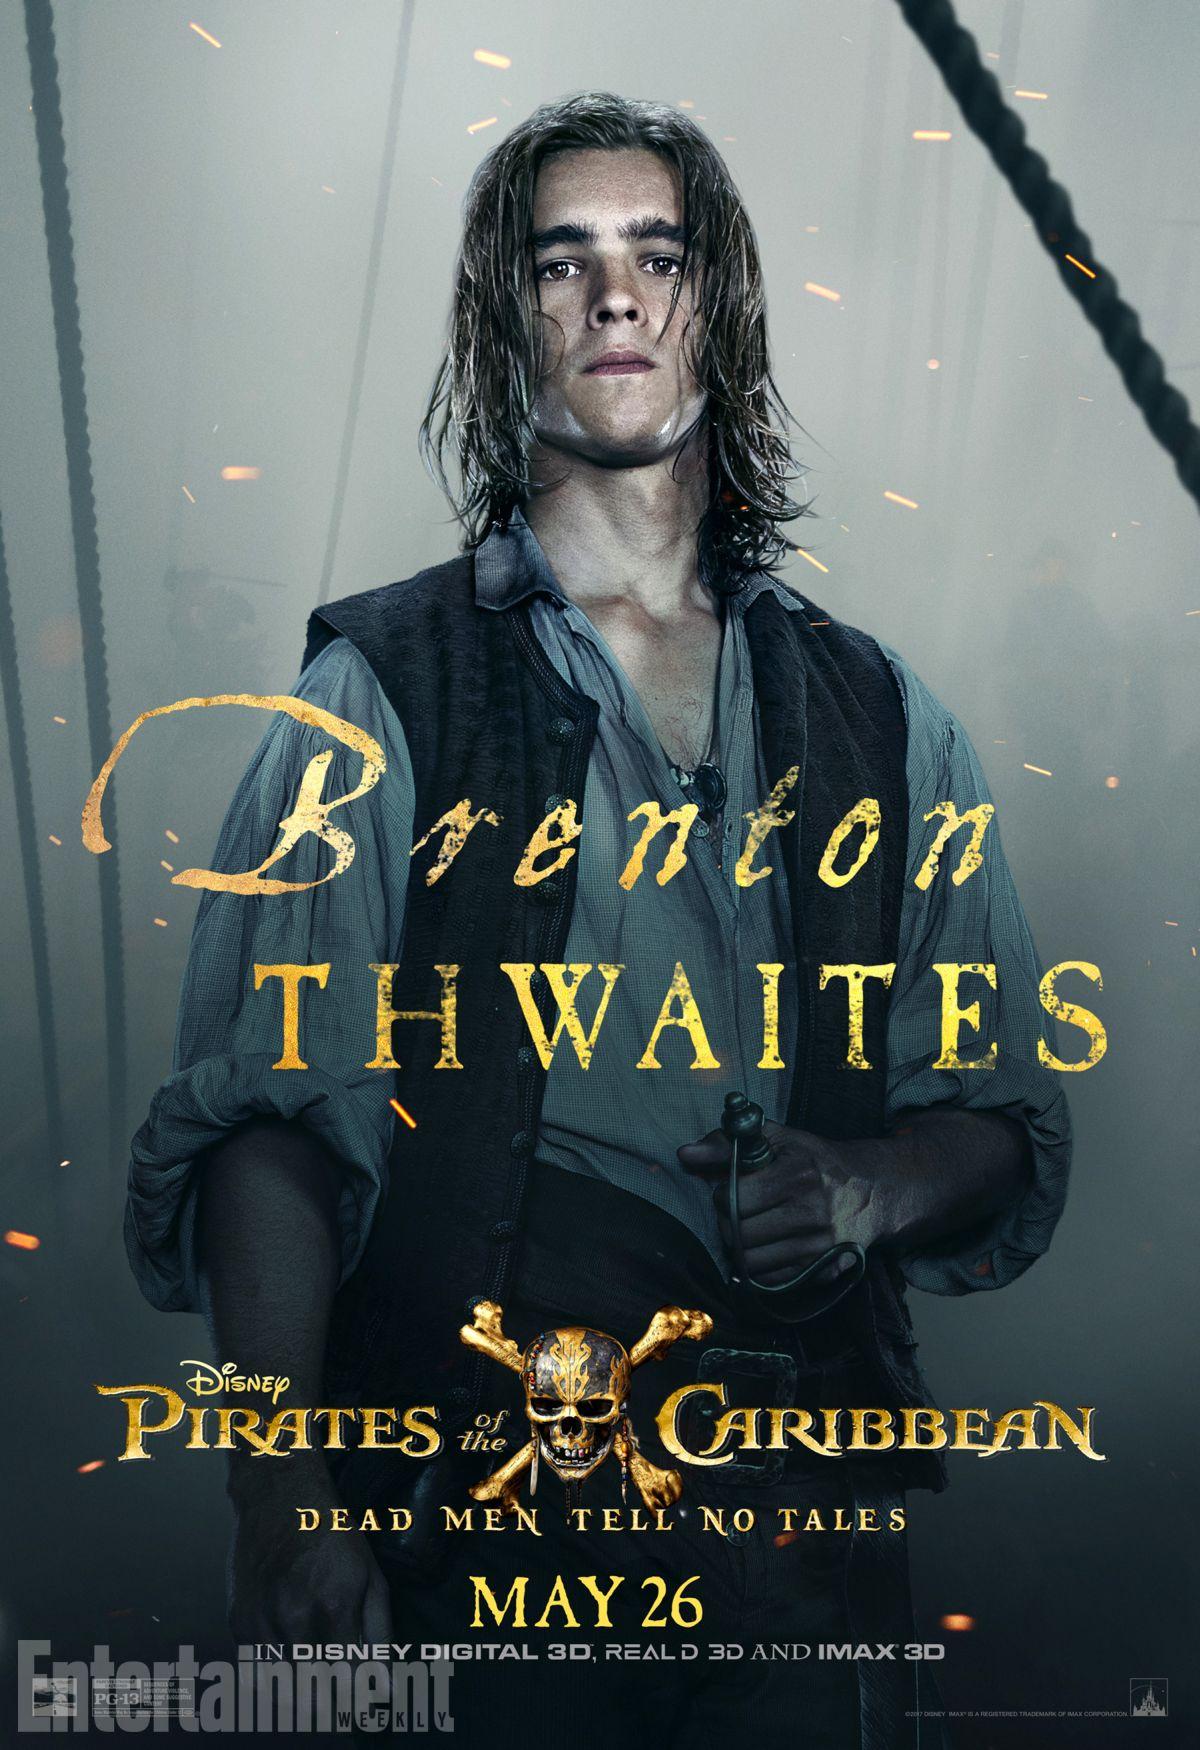 Pirati dei Caraibi: La vendetta di Salazar, il character poster di Brenton Thwaites